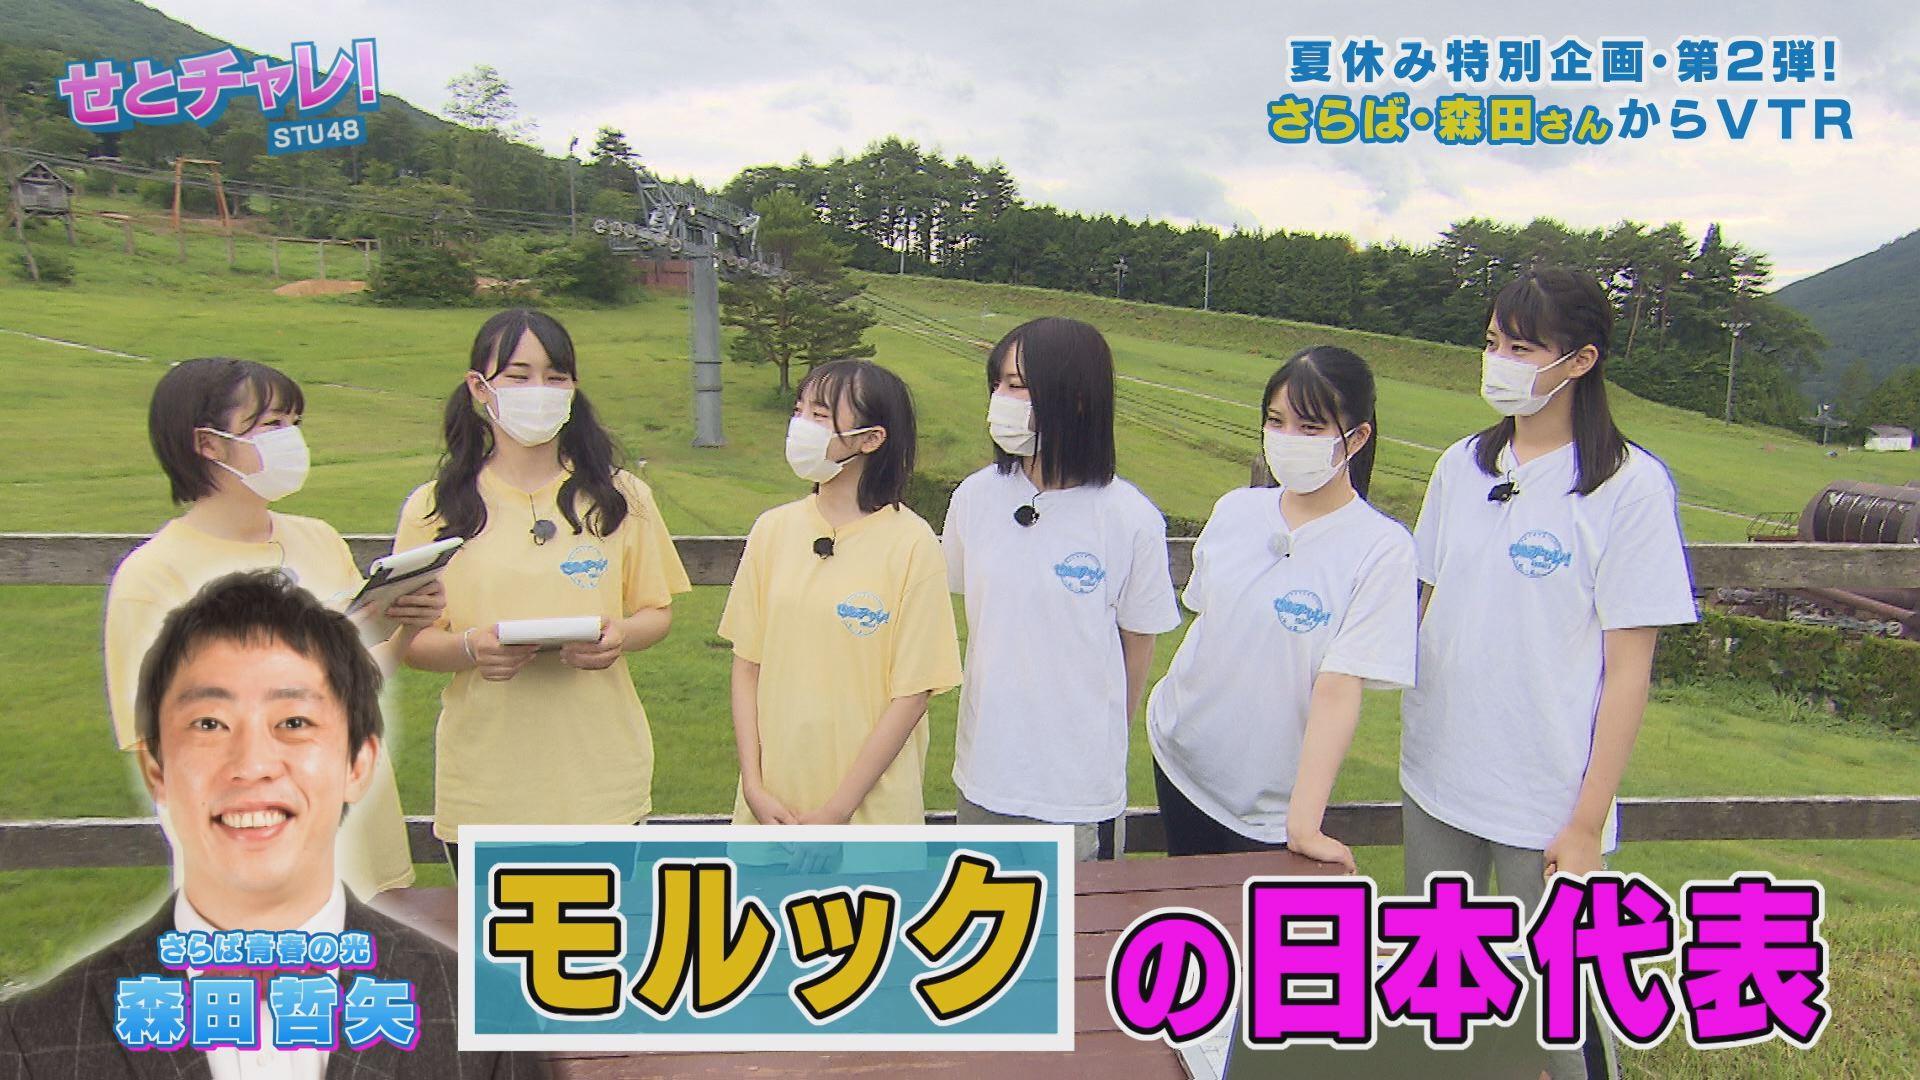 さらば青春の光・森田哲矢がSTU48にモルックを伝授